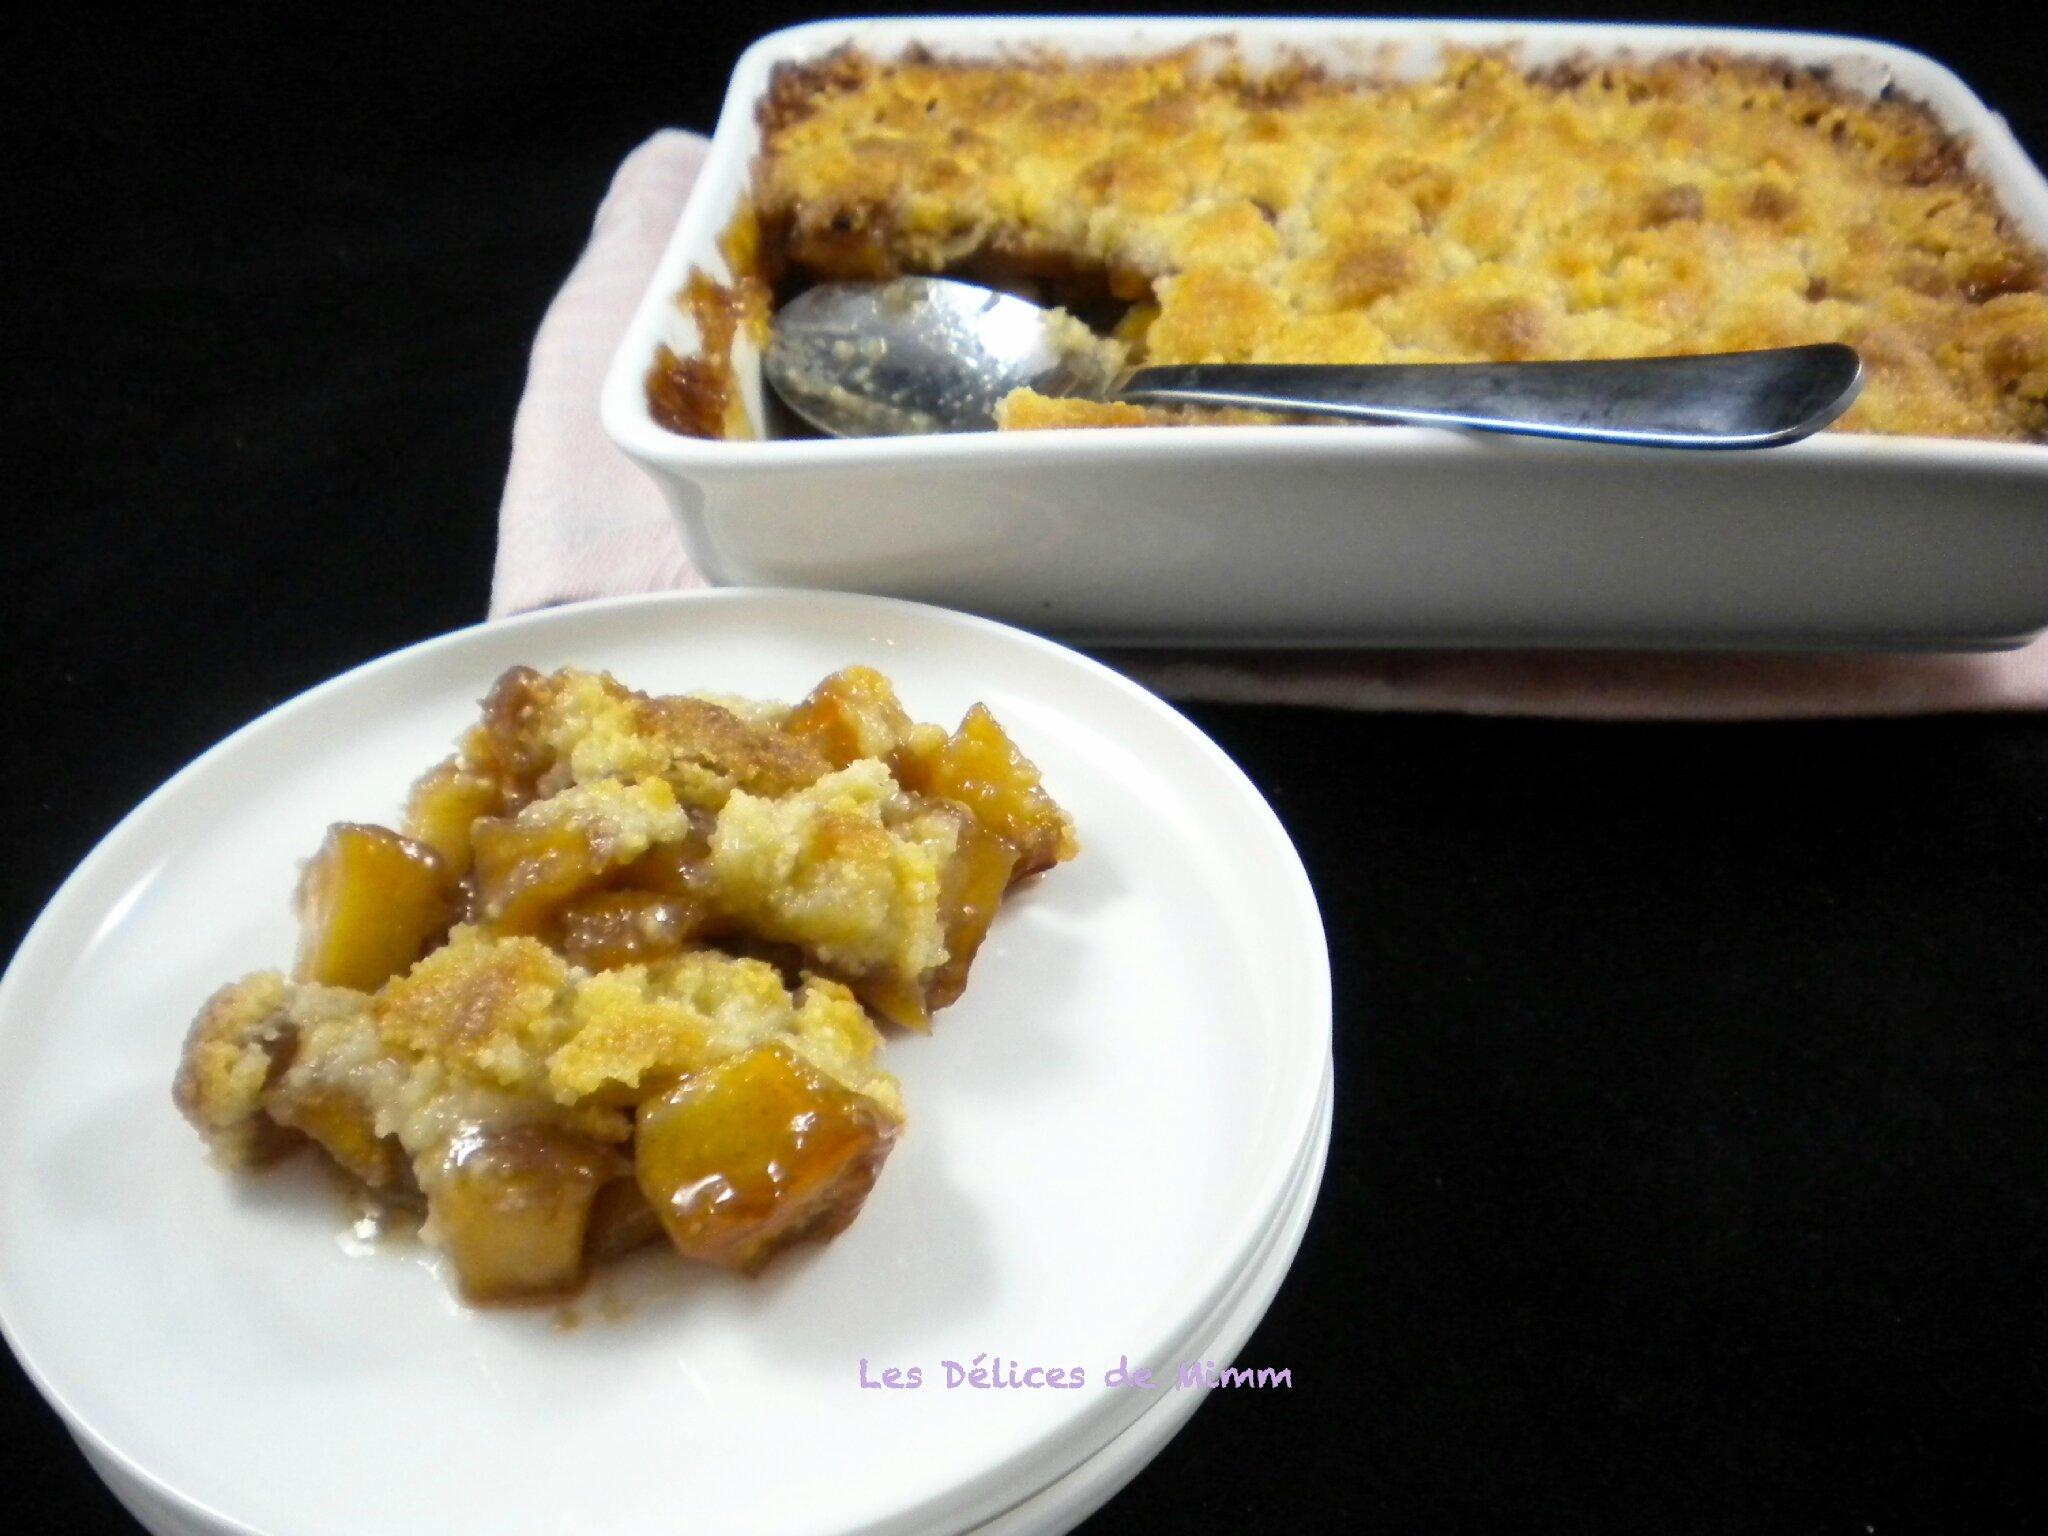 Incroyable Recette Caramel Beurre Salé Cyril Lignac crumble aux pommes et caramel au beurre salé de cyril lignac pour la